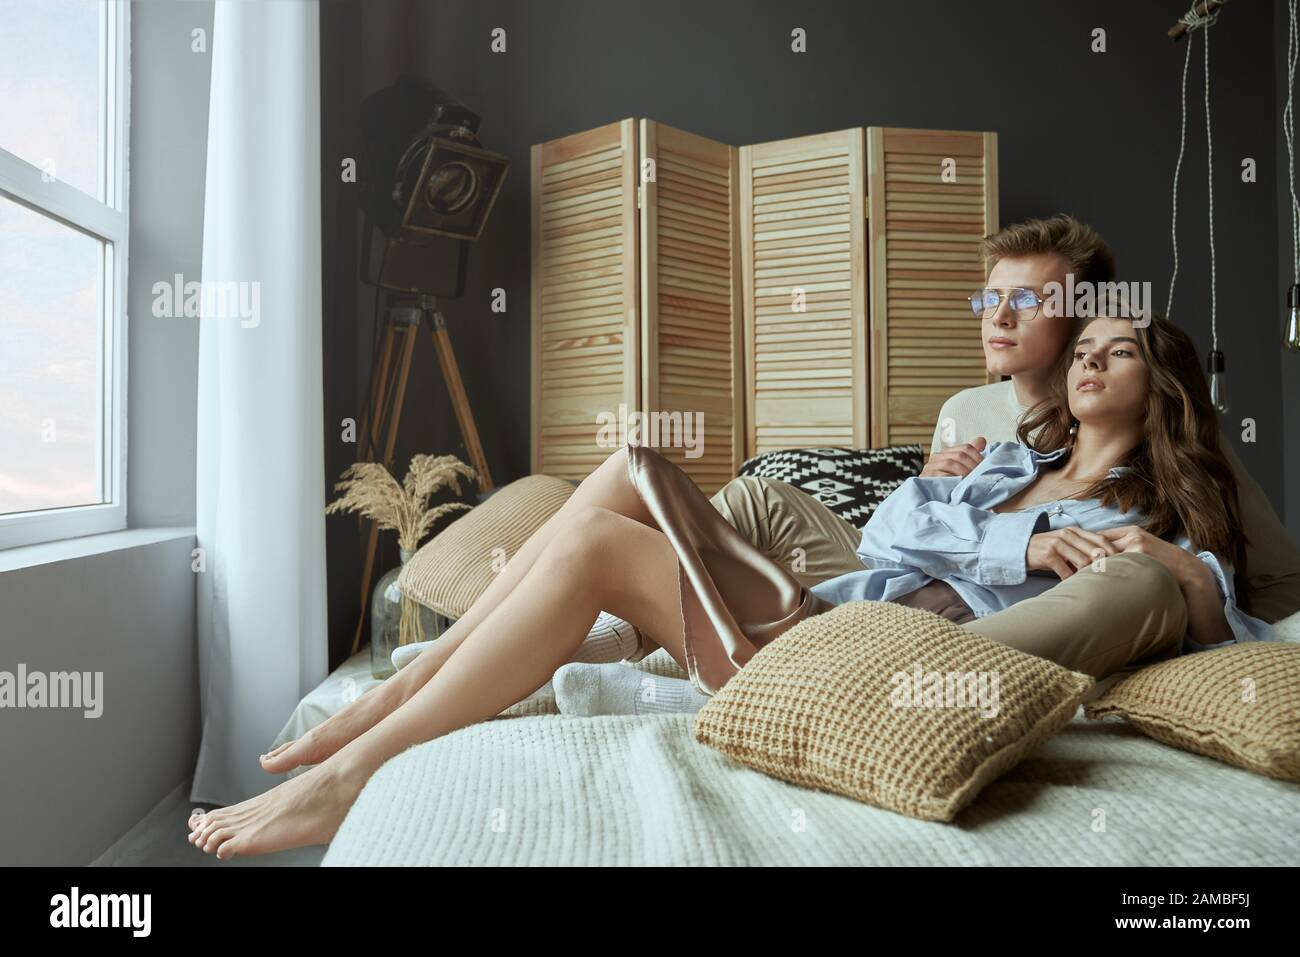 Vista frontale della dolce coppia giovane felice seduto e abbracciato sul letto a casa. Giovane ed elegante ragazza brunetta sdraiata e rilassante in braccia di ragazzo sorridente in occhiali. Concetto di amore, rapporto. Foto Stock